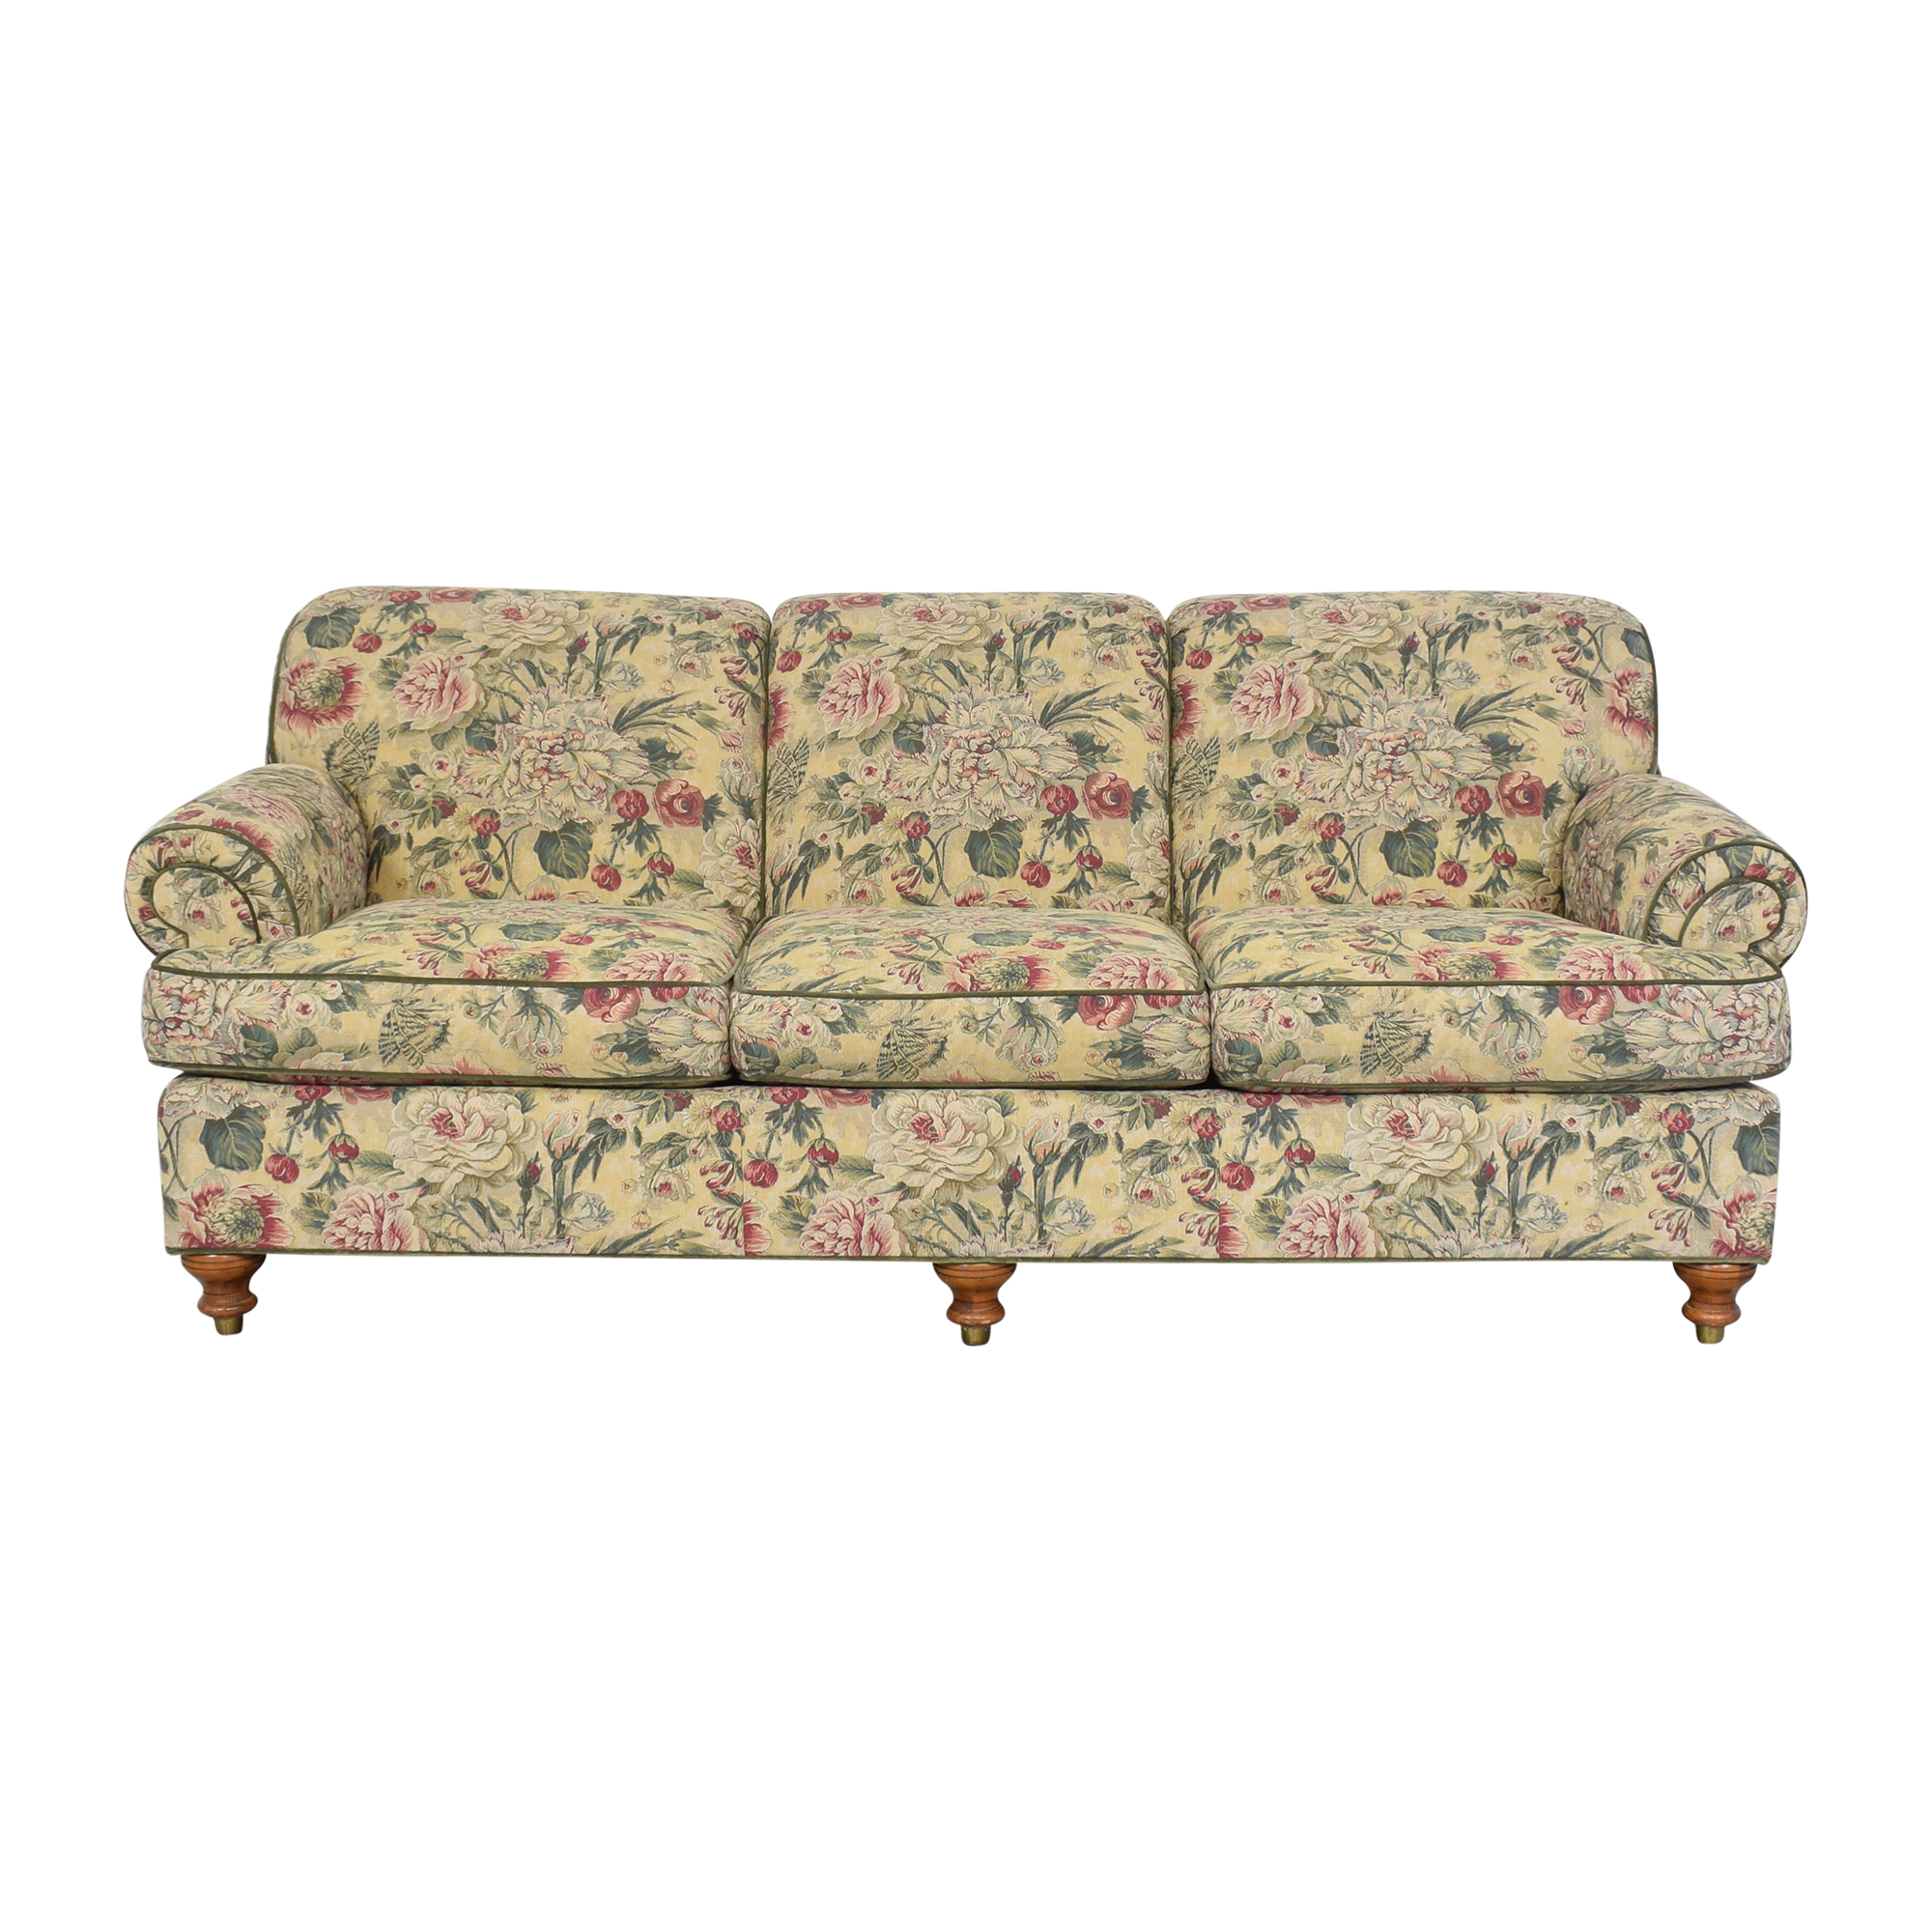 Ethan Allen Ethan Allen Kentwood Sofa